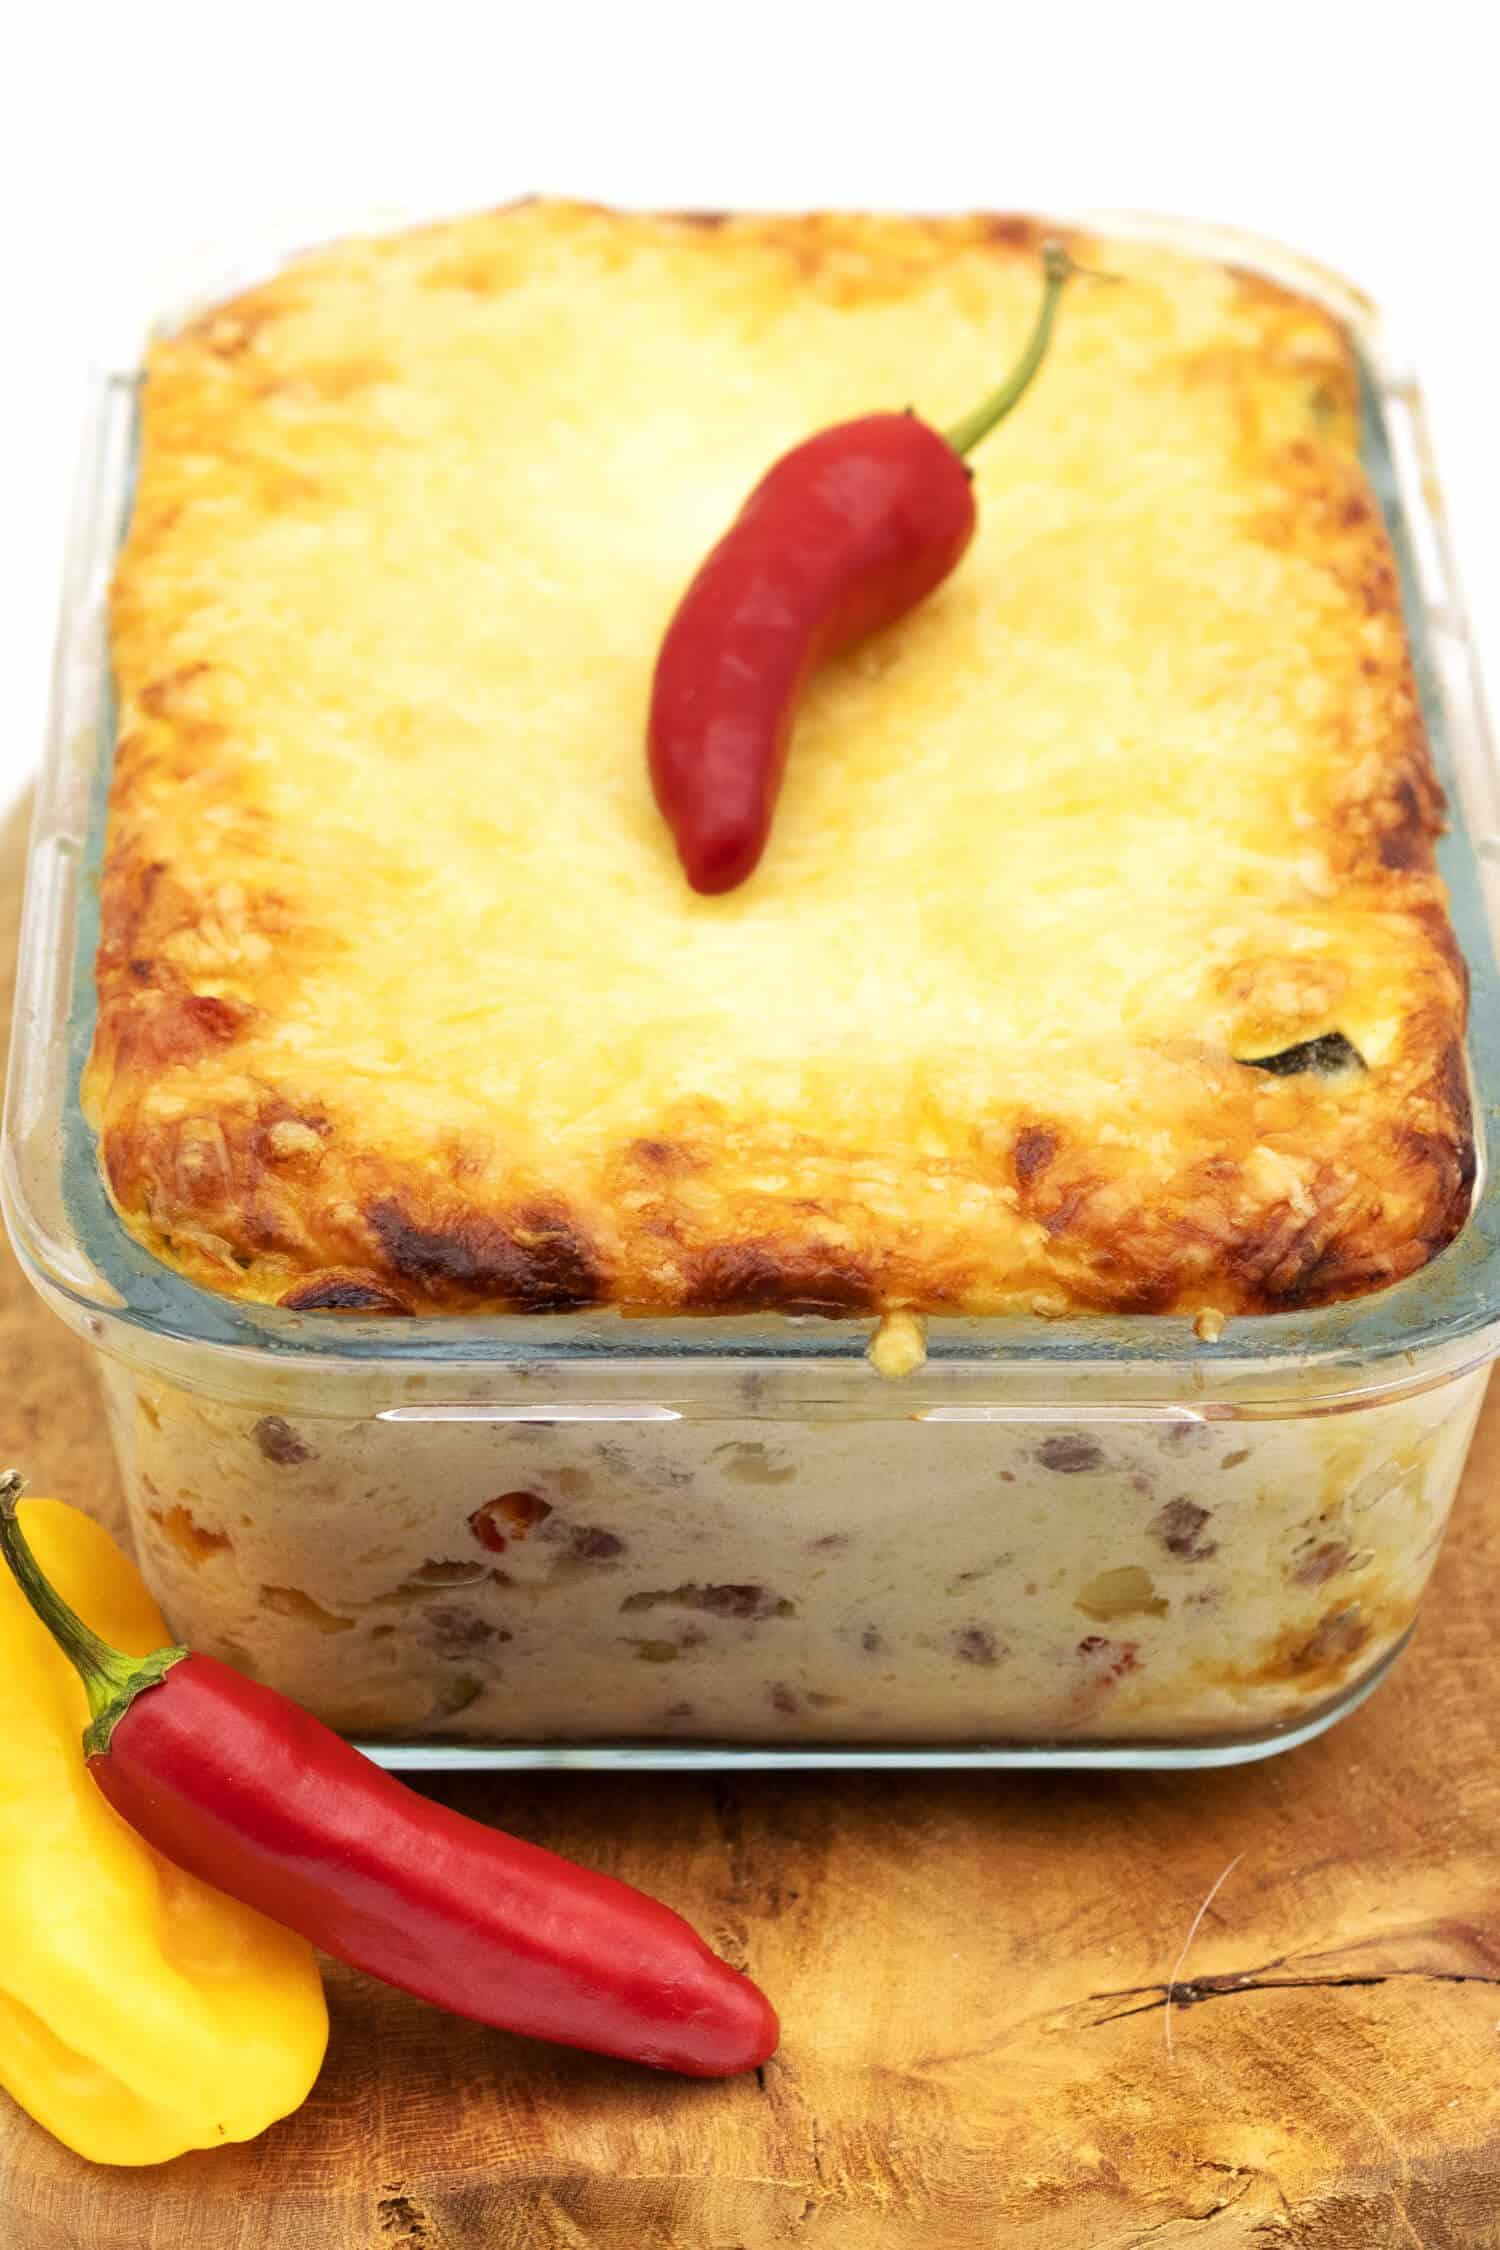 Pikanter Low Carb Quarkauflauf - Low Carb Abendessen Rezept